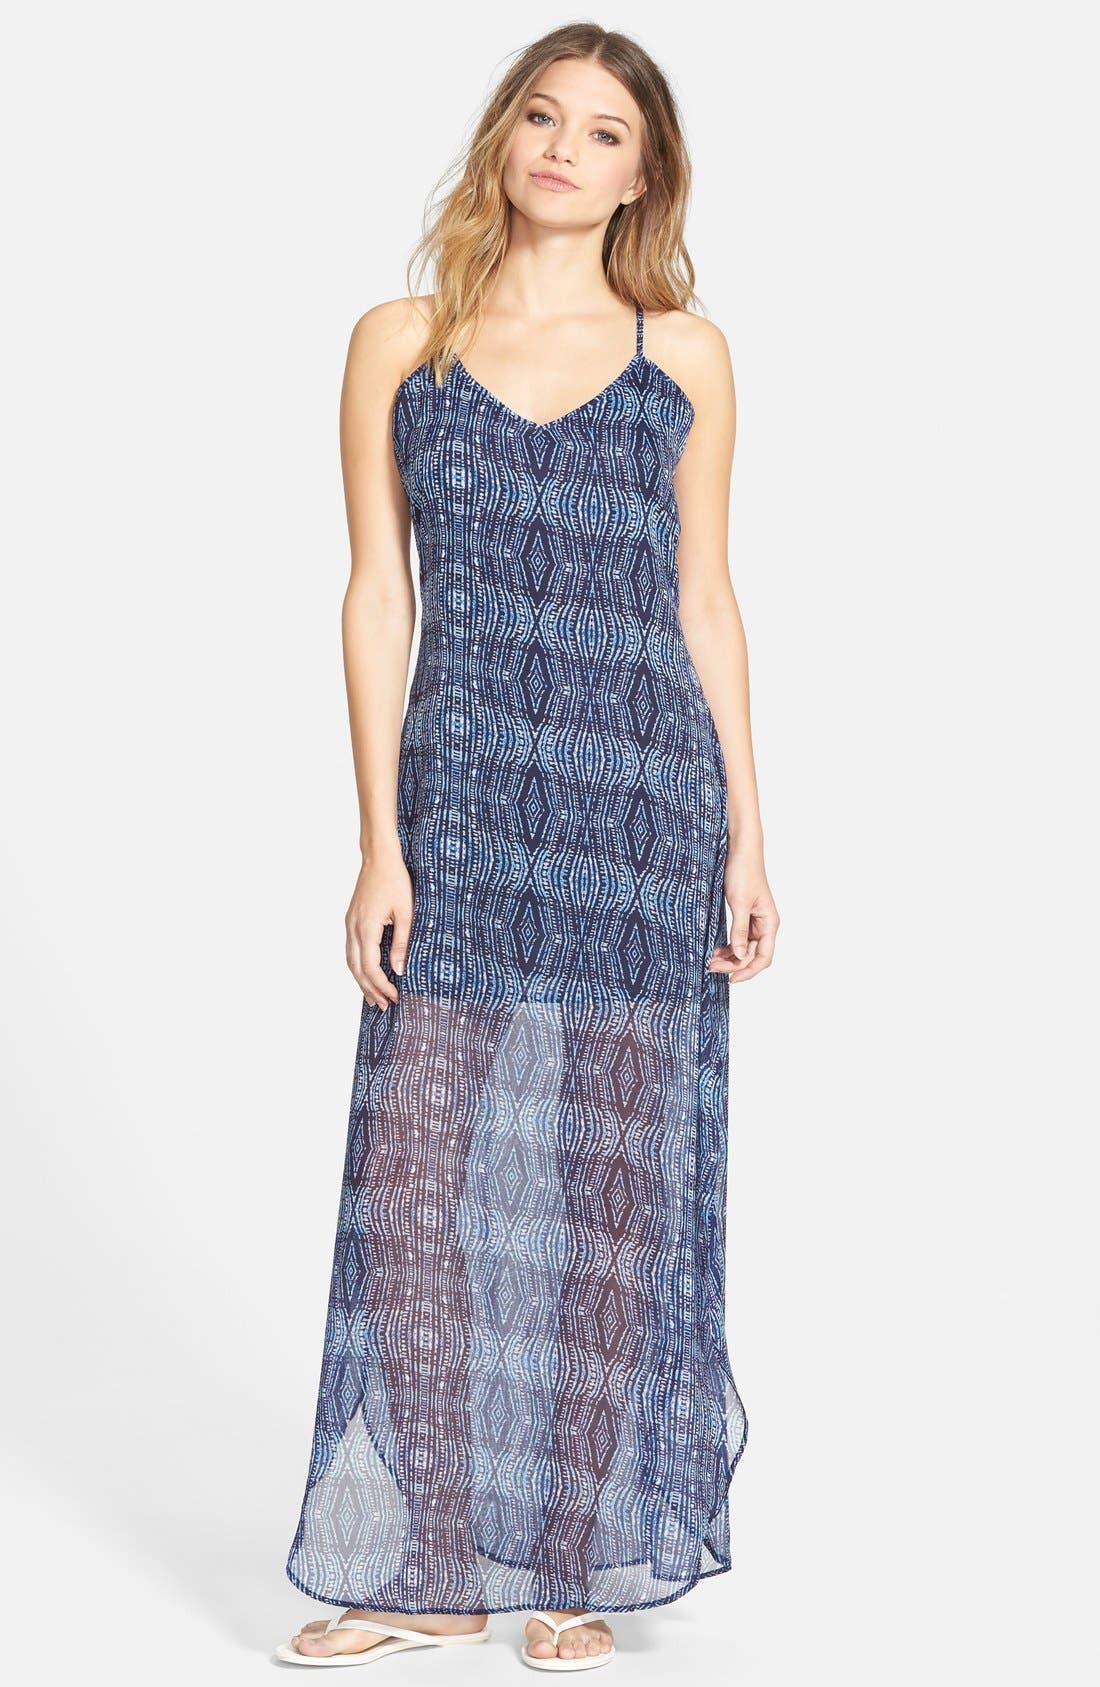 'Hijack Love' Dress,                         Main,                         color, 400